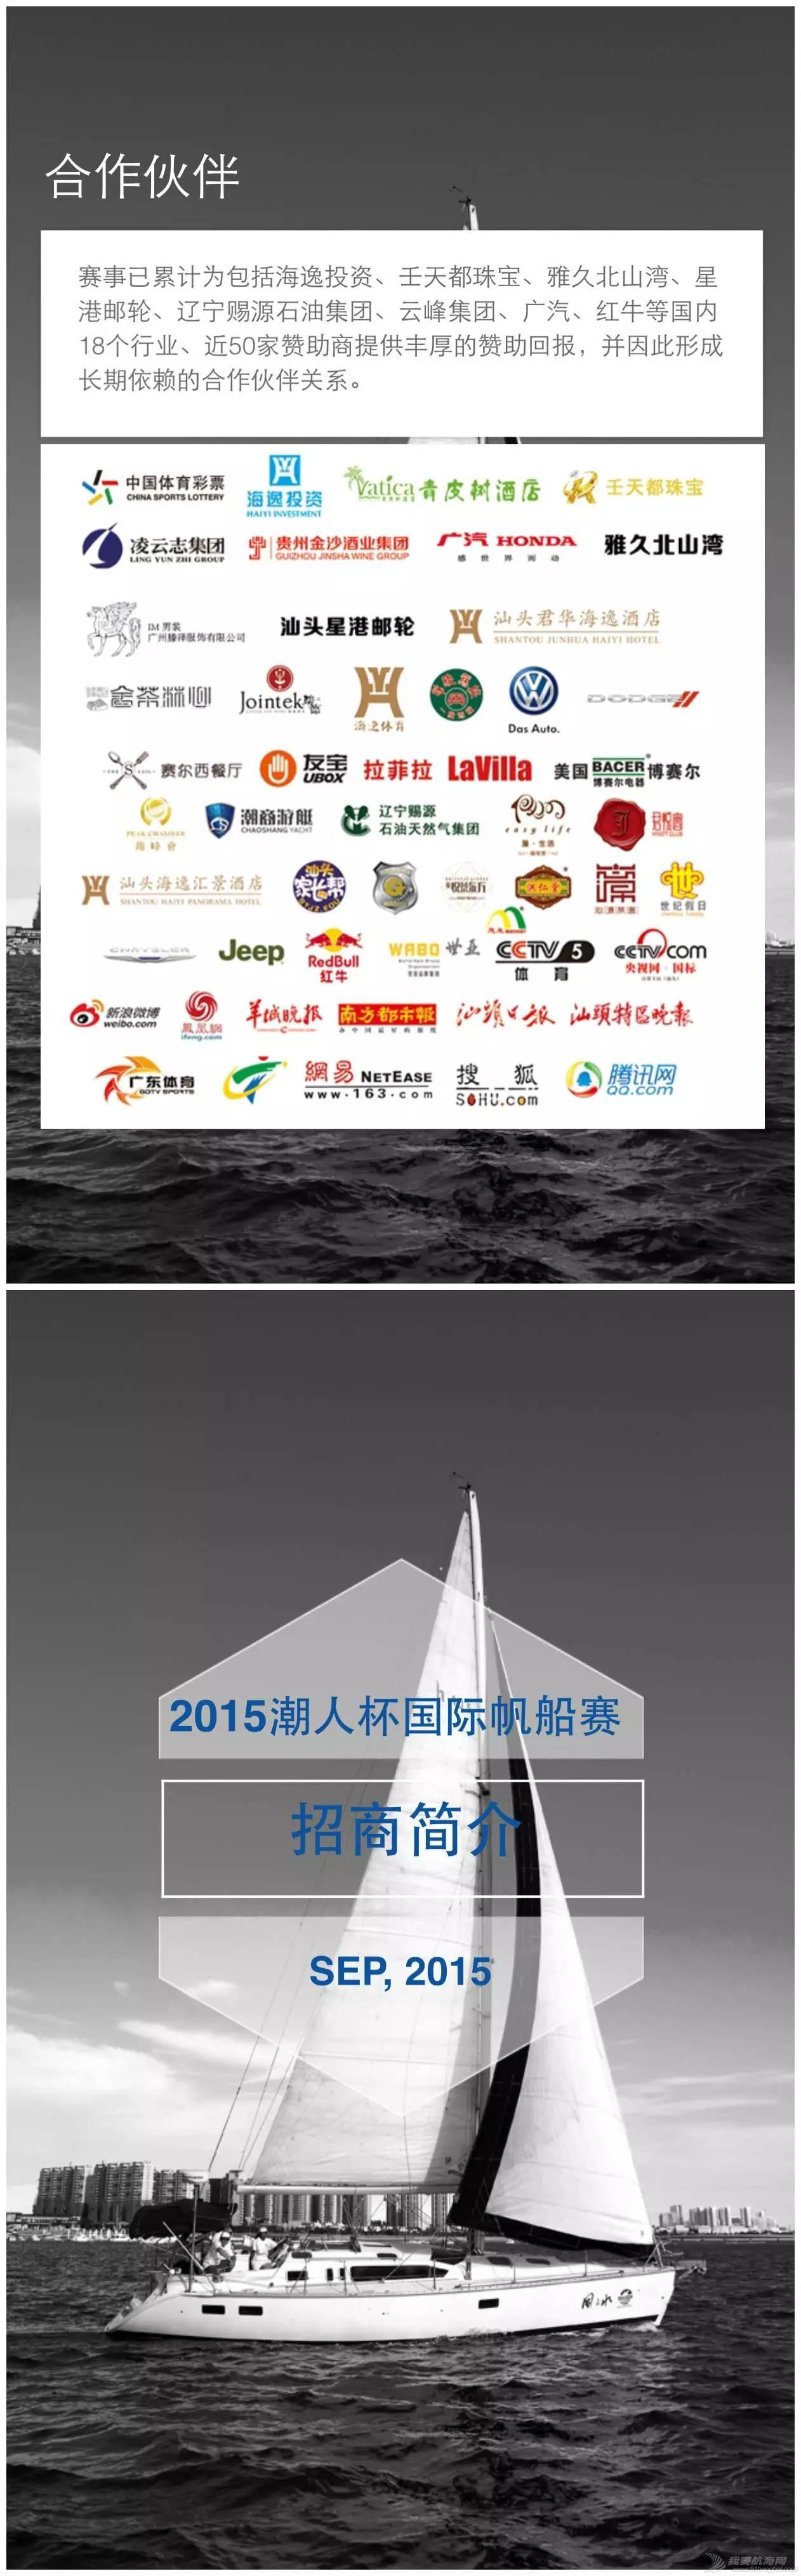 国际,微博 11月,一起扬帆潮人杯国际帆船赛! a83e222e276e2bdf9c894281c1ac4f10.jpg